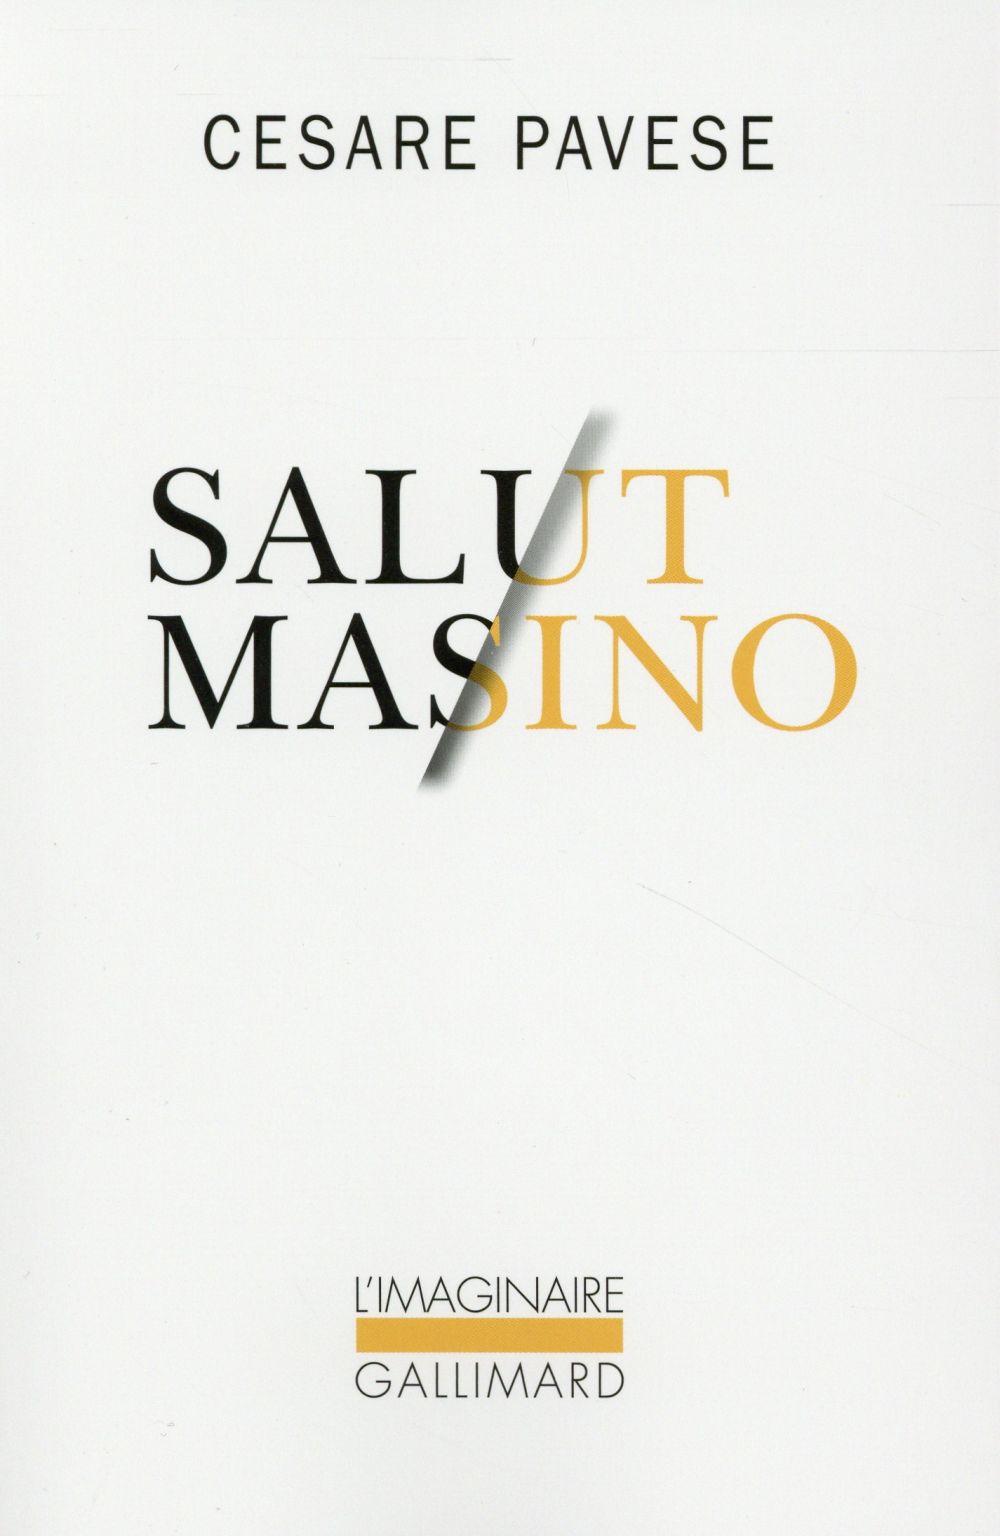 SALUT MASINO